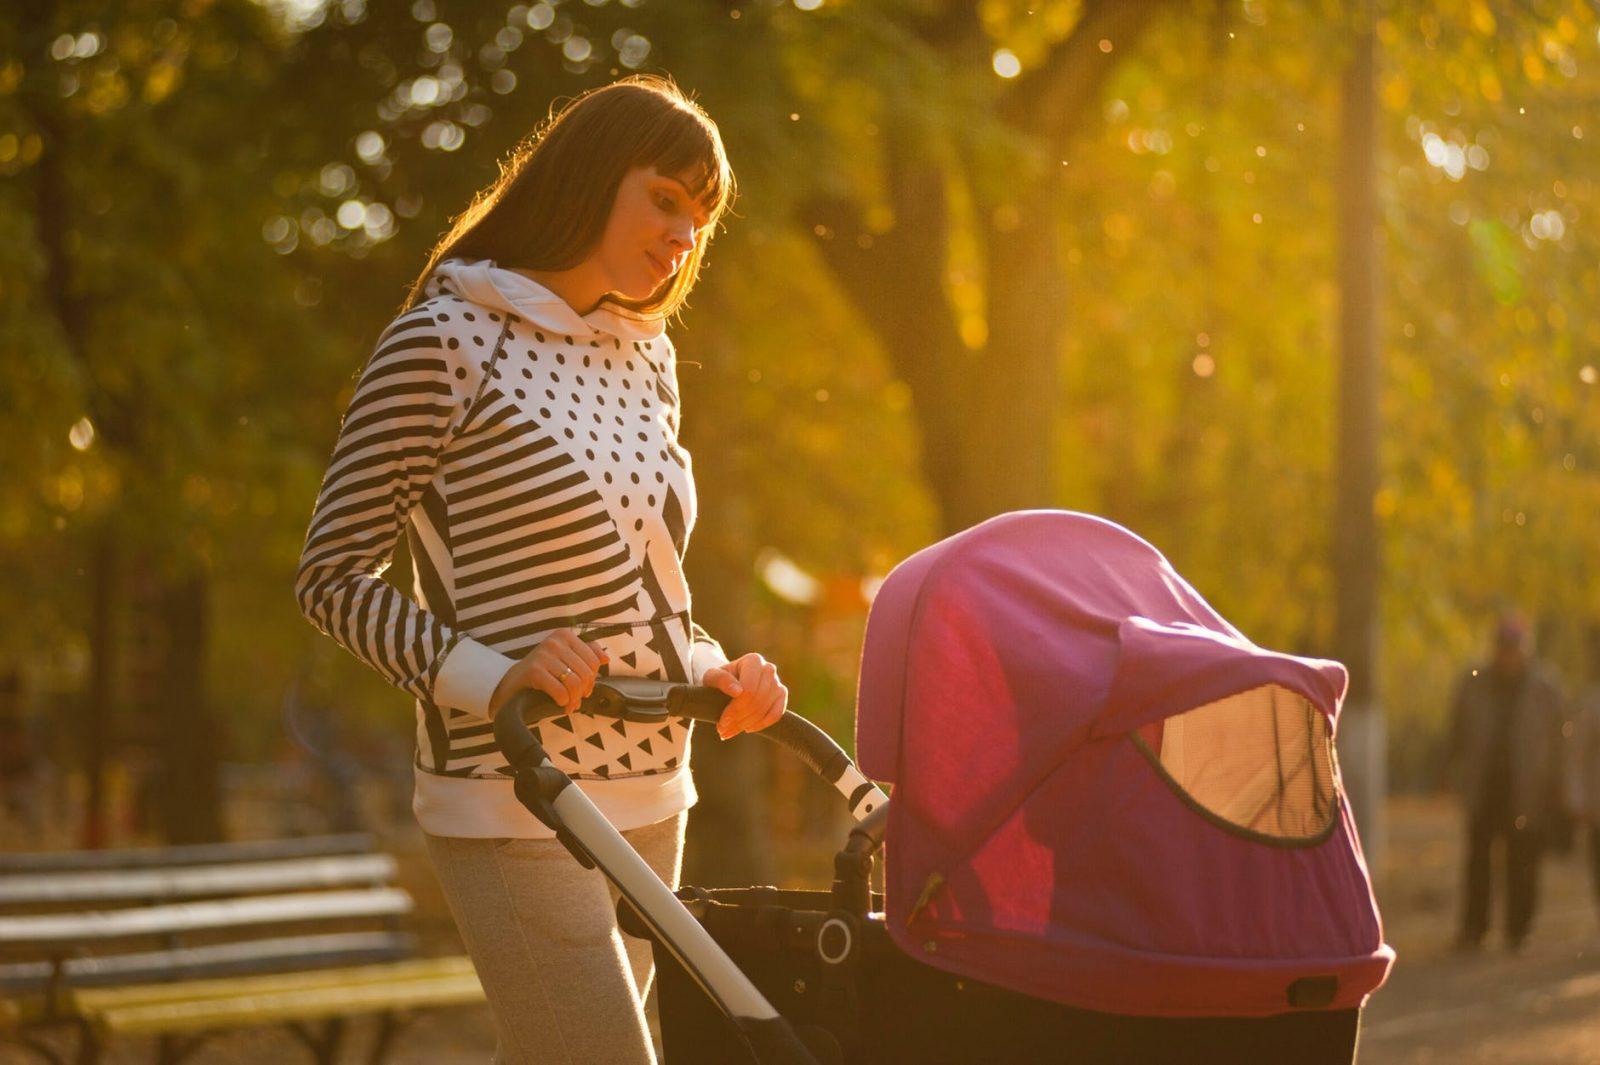 Bebek Araba Önerileri - Tavsiyeleri